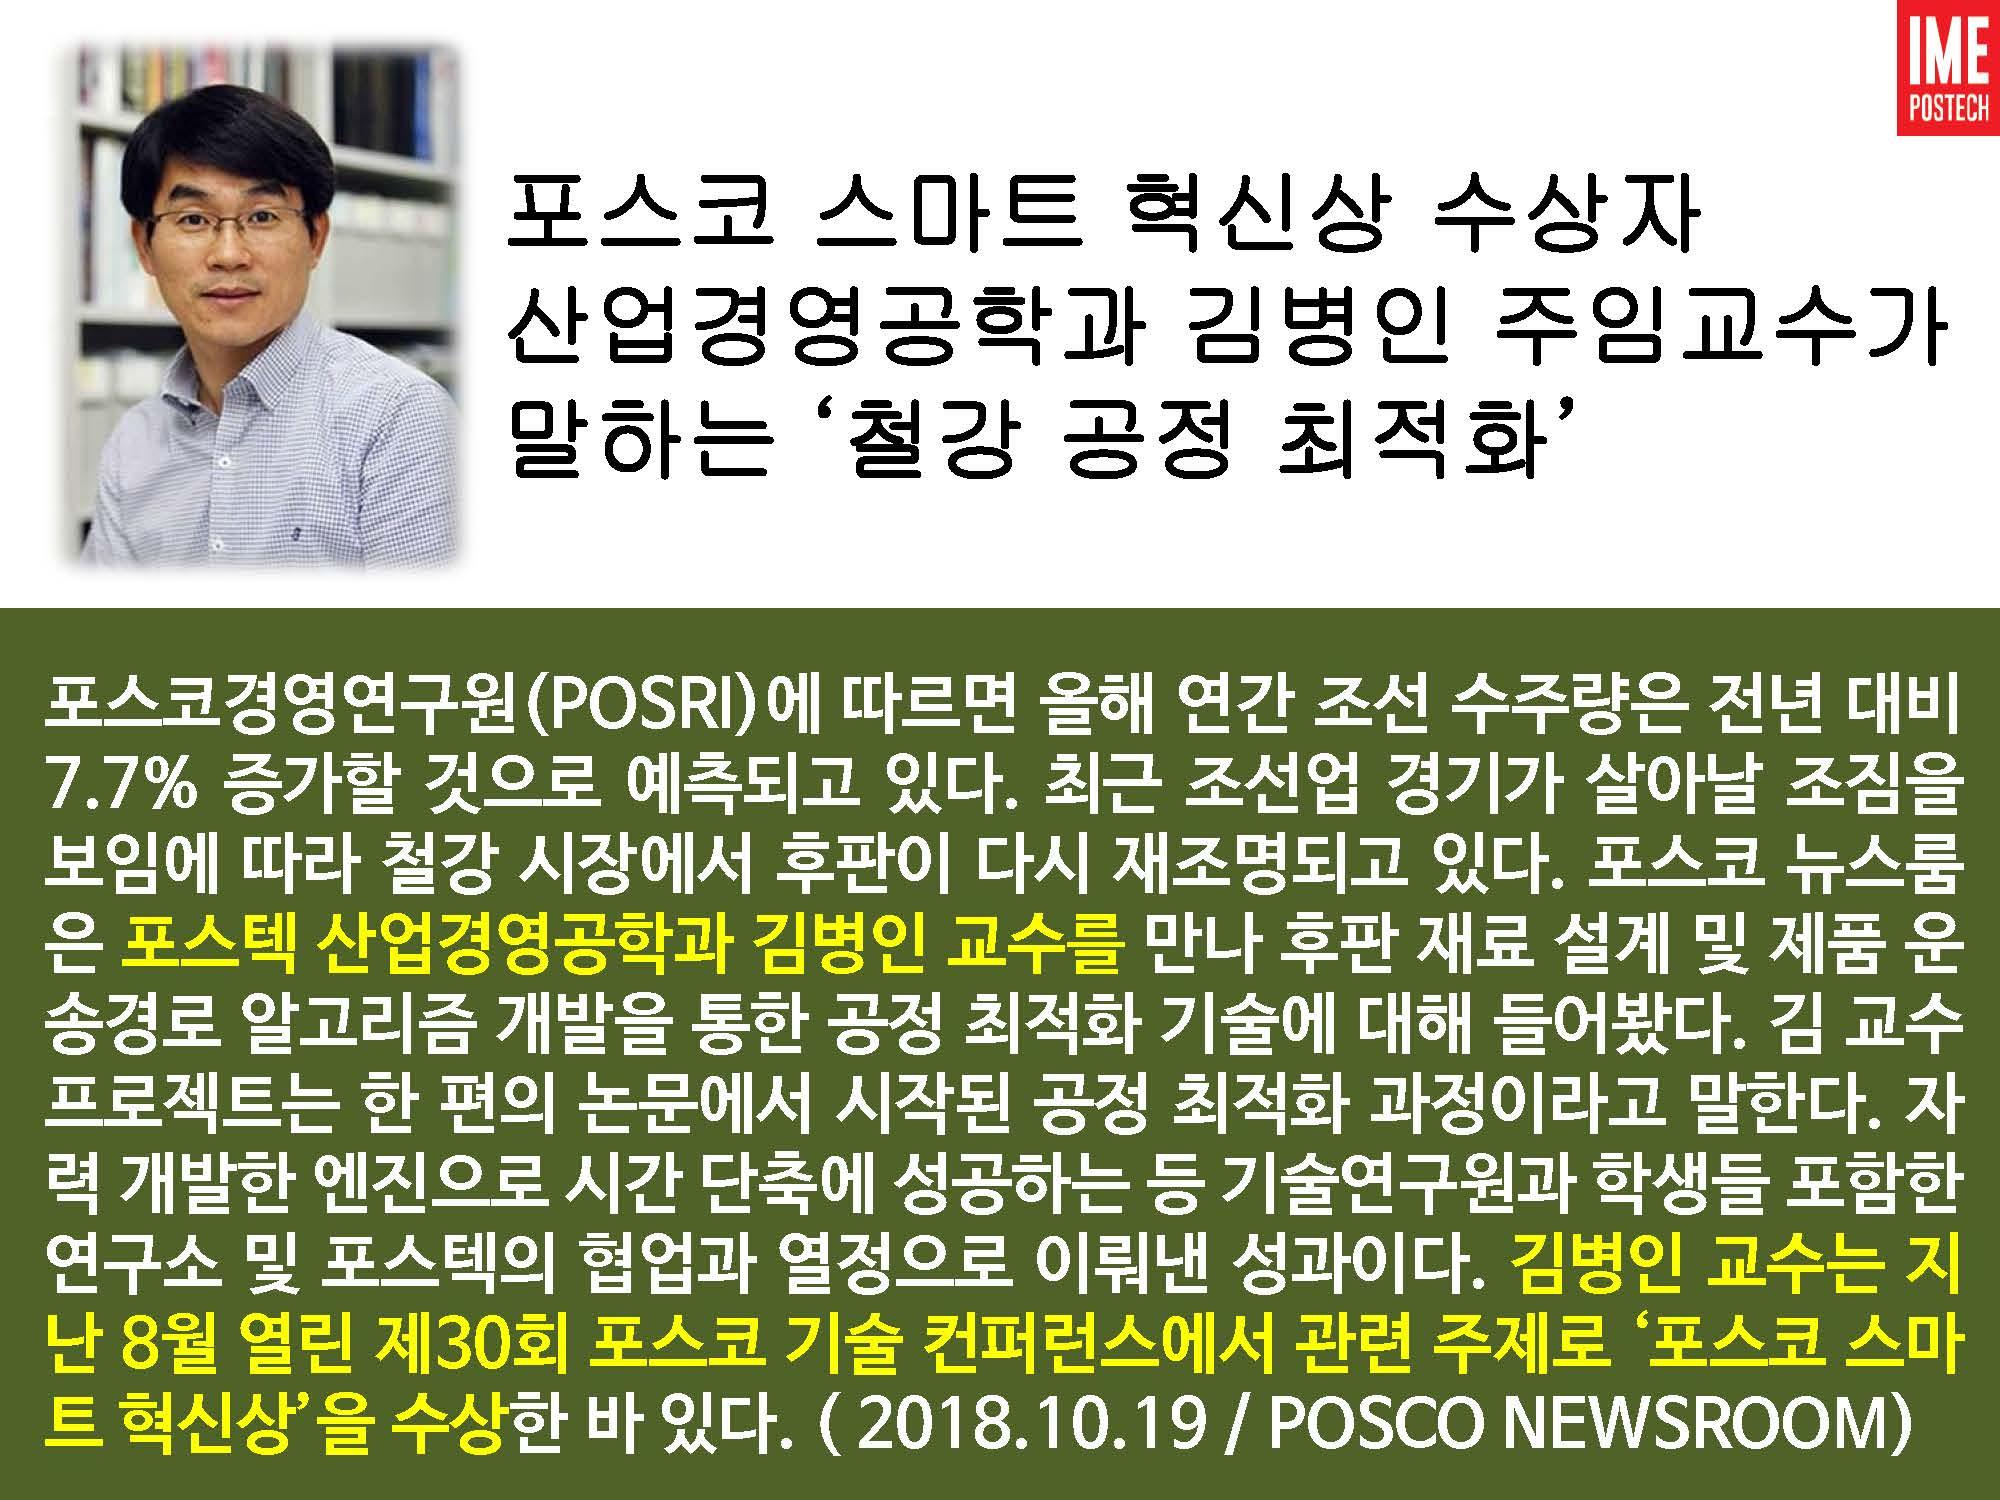 학과 게시판용_20181019_김병인 교수_포스코 뉴스룸